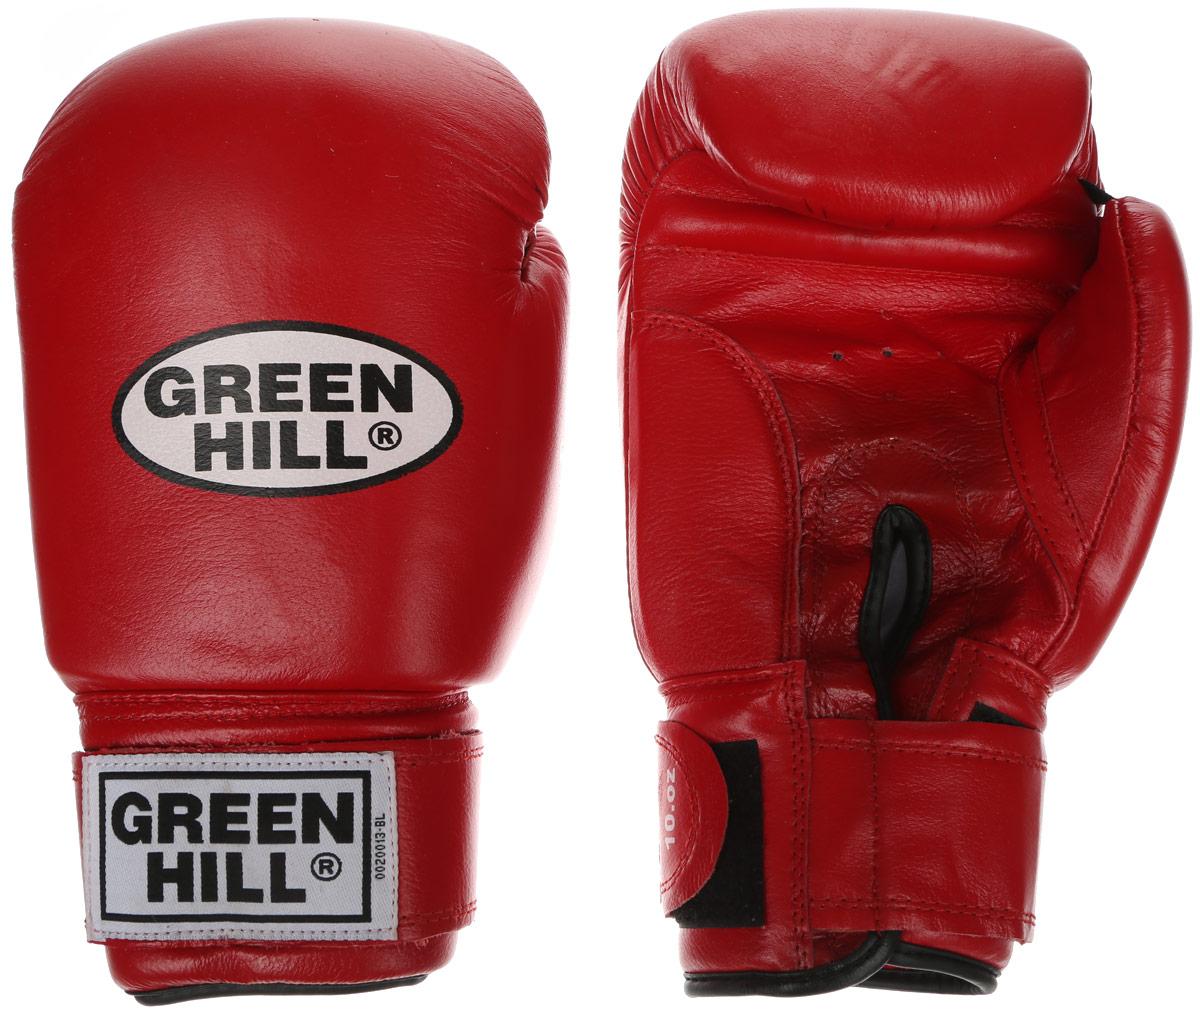 Перчатки боксерские Green Hill Tiger, цвет: красный, белый. Вес 12 унций. BGT-2010сBGT-2010сБоевые боксерские перчатки Green Hill Tiger применяются как для соревнований, так и для тренировок. Верх выполнен из натуральной кожи, вкладыш - предварительно сформированный пенополиуретан. Манжет на липучке способствует быстрому и удобному надеванию перчаток, плотно фиксирует перчатки на руке. Отверстия в области ладони позволяют создать максимально комфортный терморежим во время занятий. В перчатках применяется технология антинокаут.